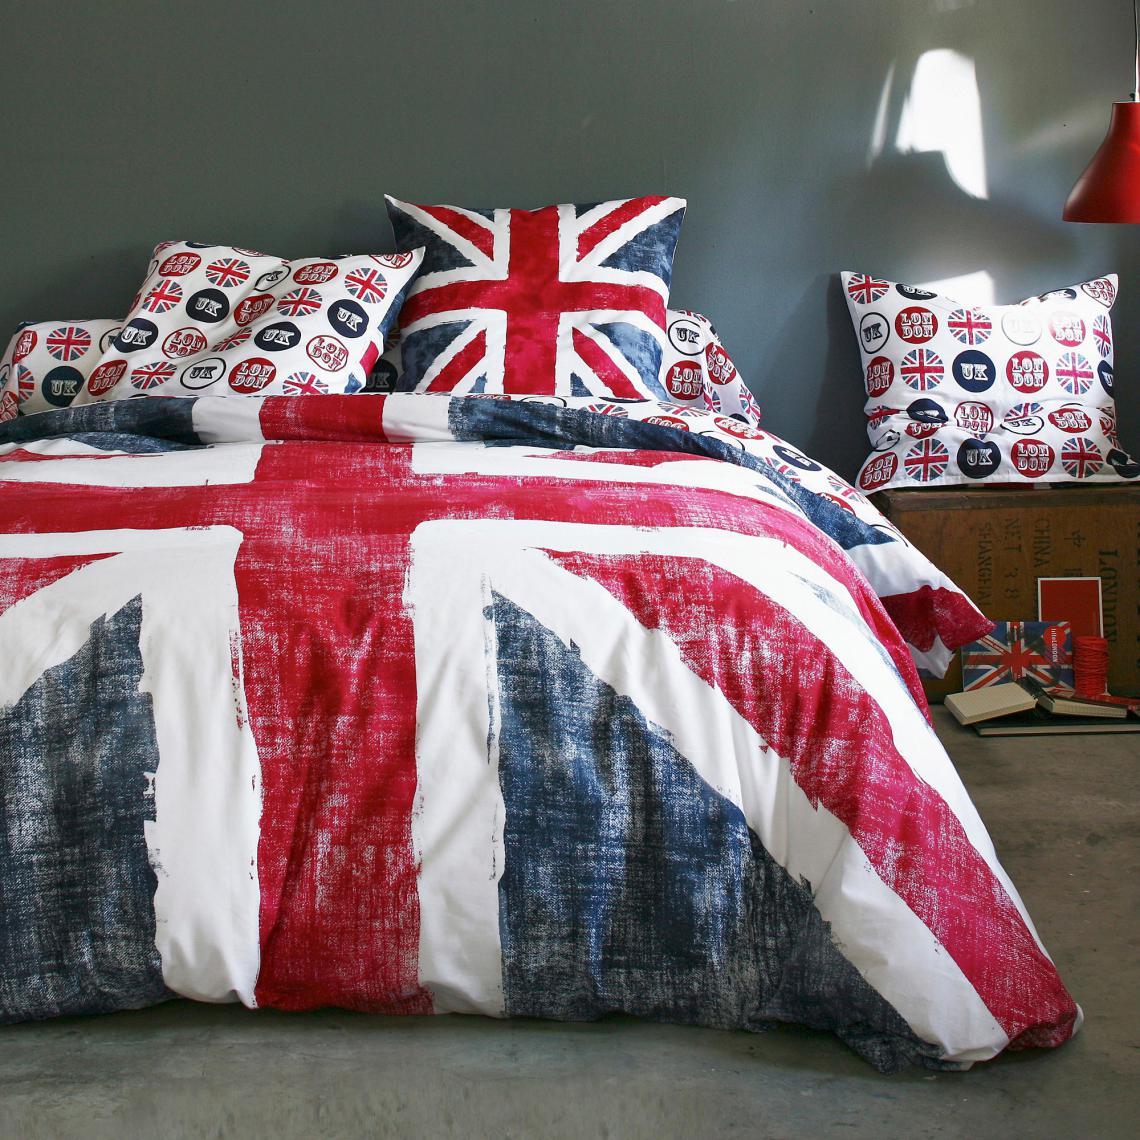 housse de couette de coton imprim e drapeau anglais old flag bleu 3 suisses